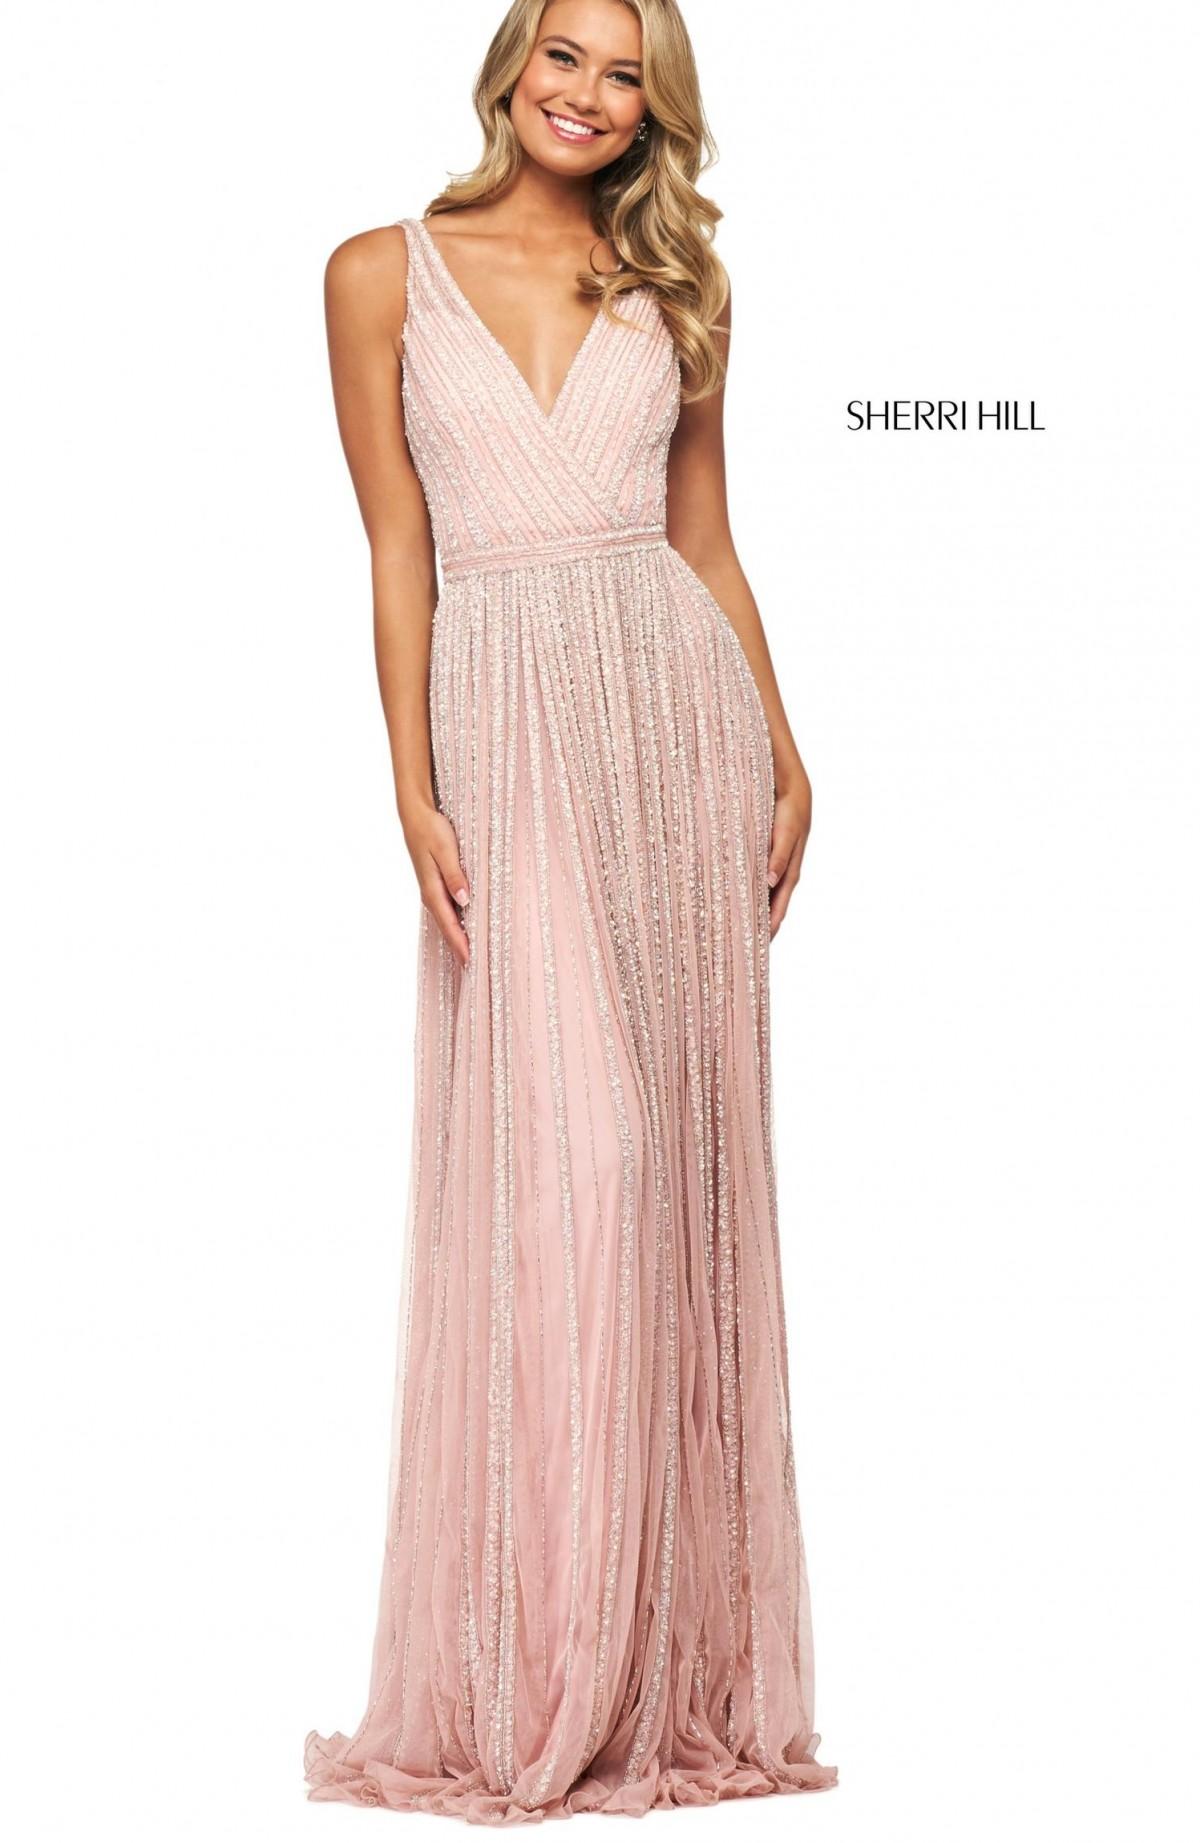 Sherri Hill Evening Dress 53867